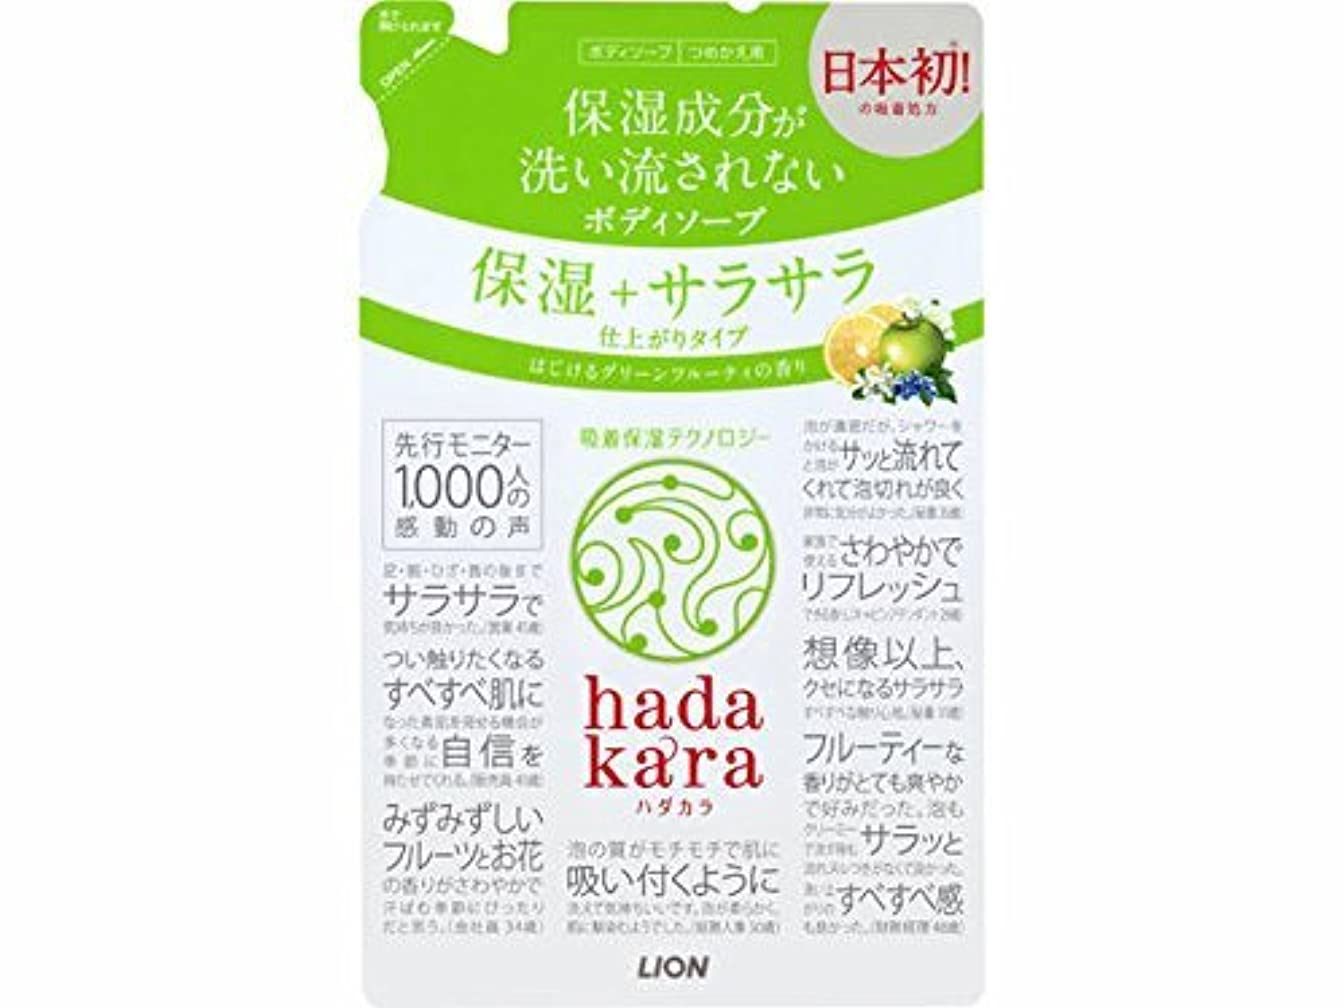 ロイヤリティとげオンライオン hadakara(ハダカラ)ボディソープ 保湿+サラサラ仕上がりタイプ グリーンフルーティの香り つめかえ用